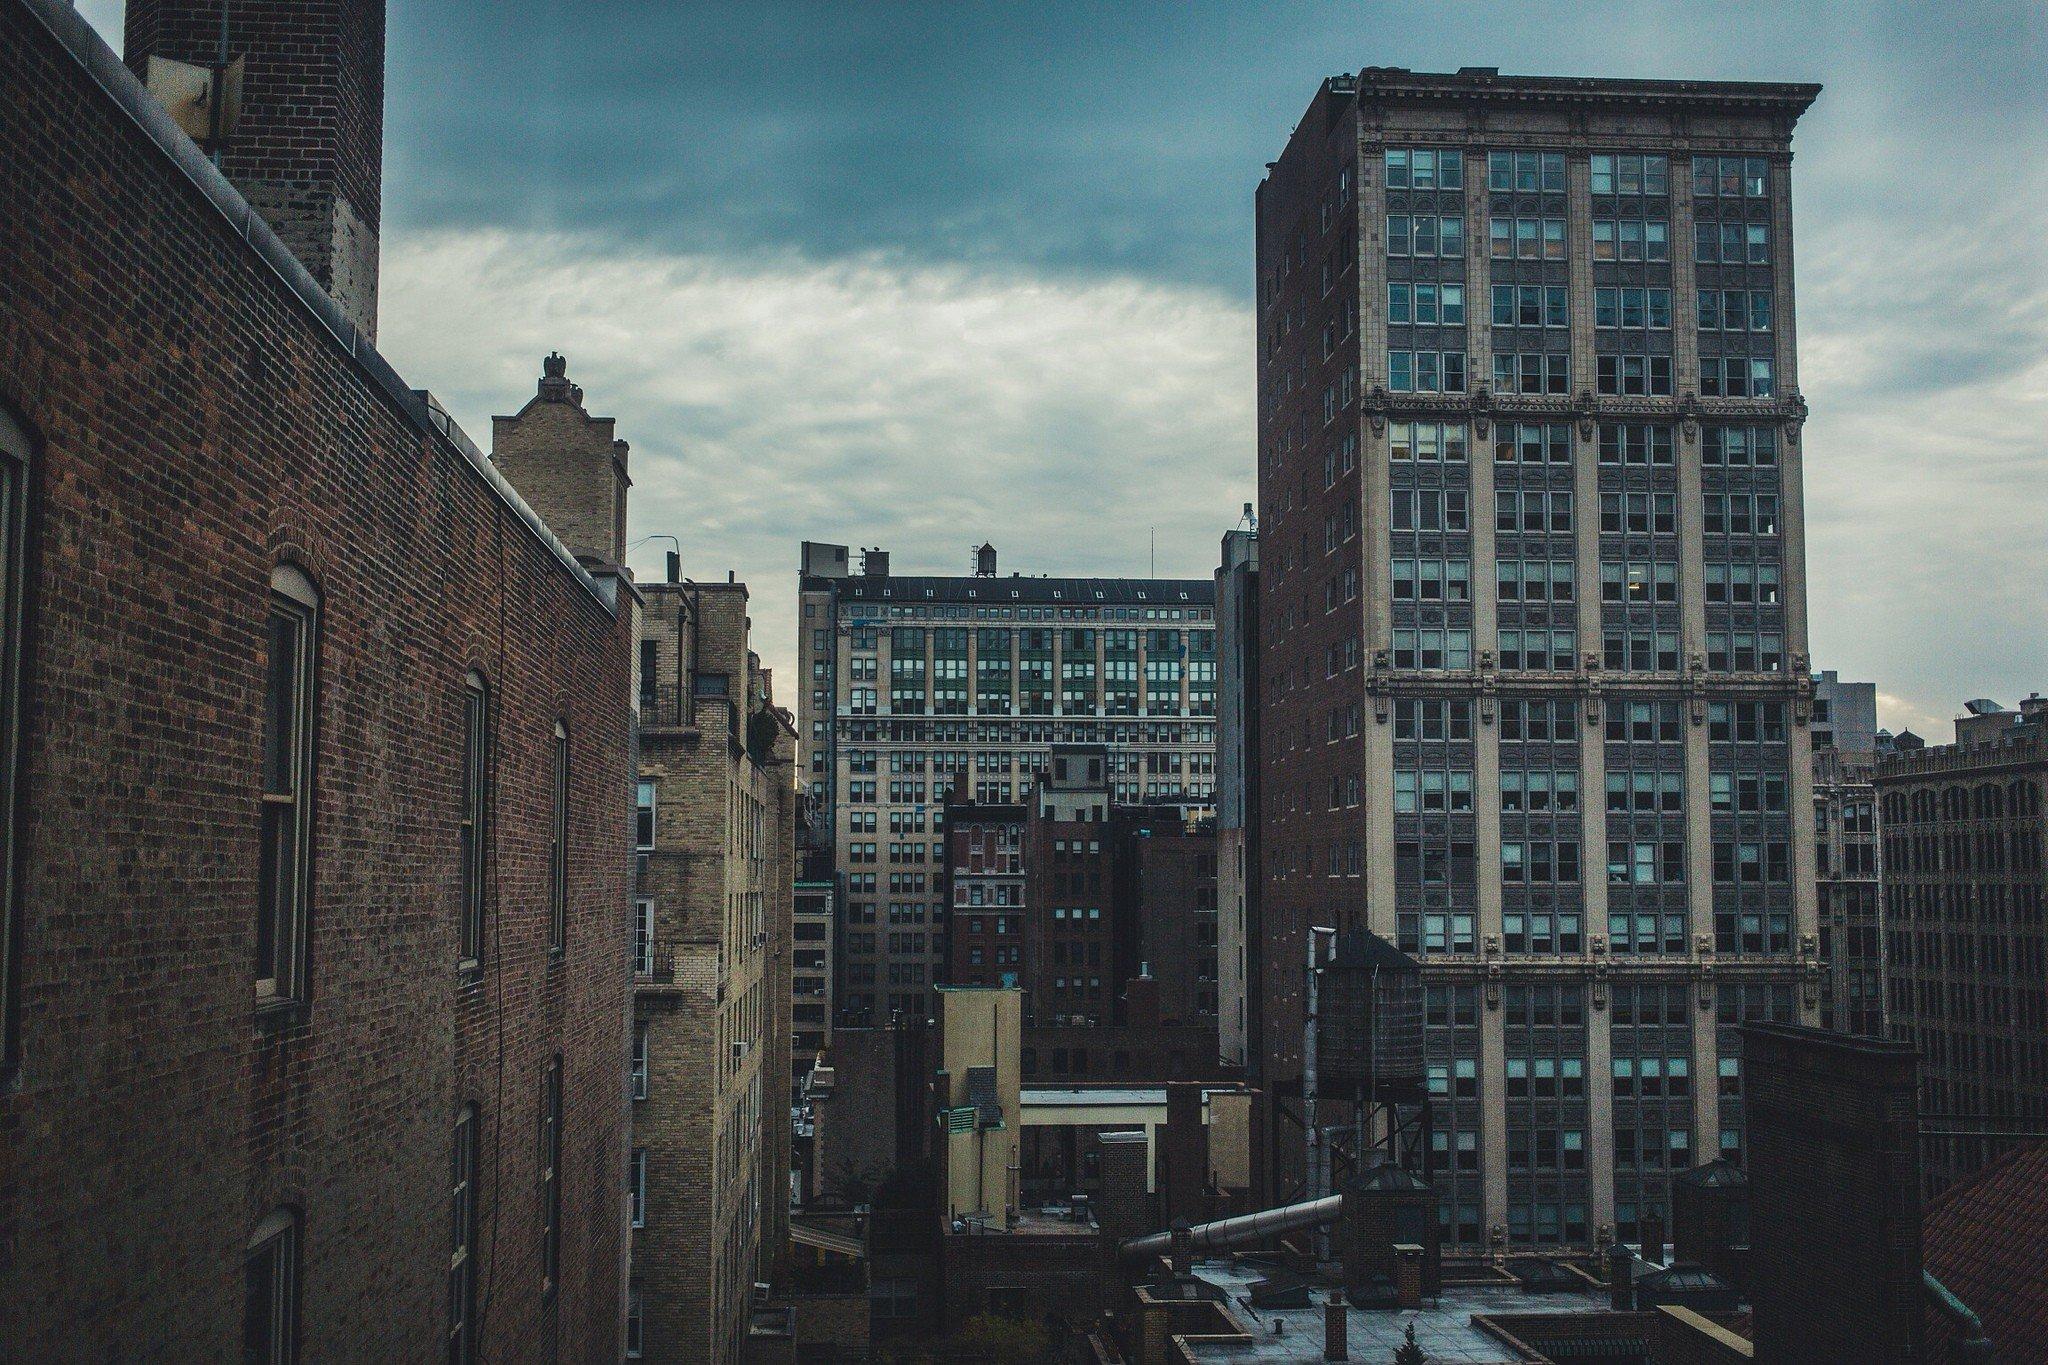 фотографии зданий в пасмурную погоду старые добрые